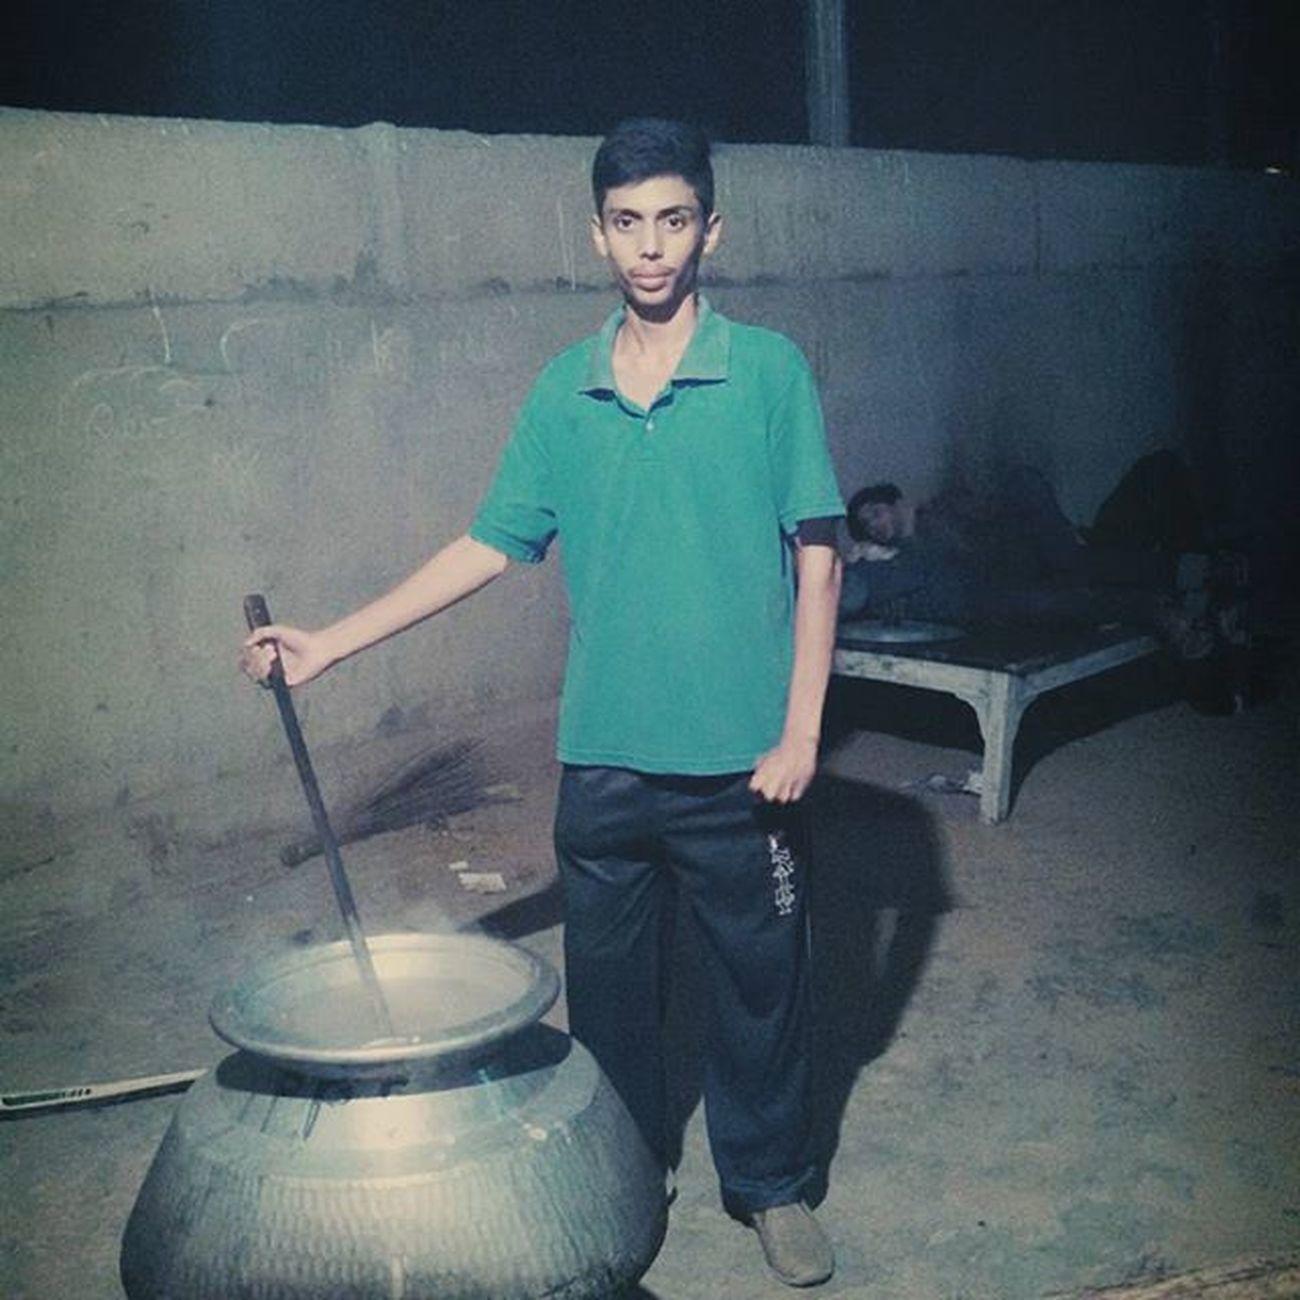 Haleem scene 👌 Instalanguage